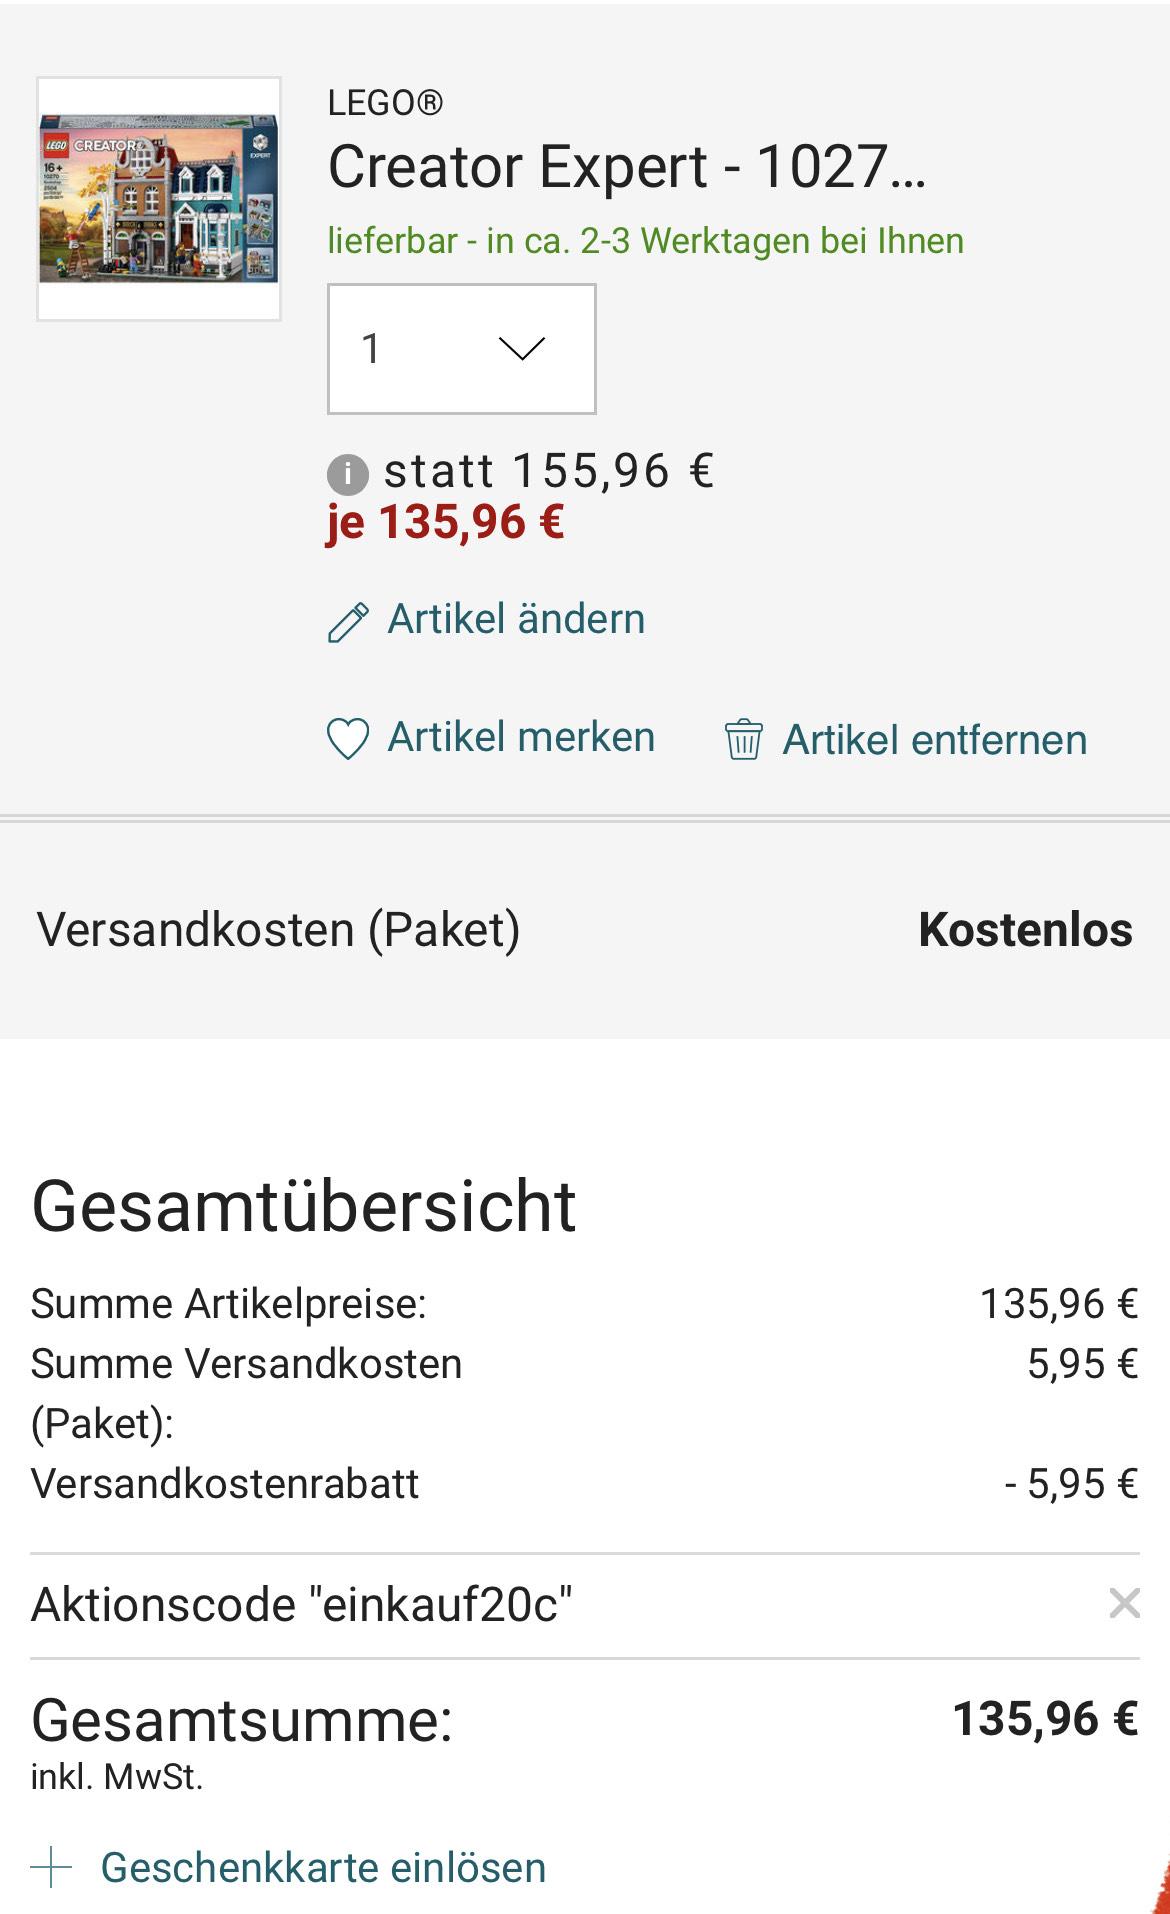 LEGO® Creator Expert - 10270 Buchhandlung - Galeria Karstadt Kaufhof für 135,96€ für Kundenkarteninhaber (Evtl. personalisiert, MBW 100€)